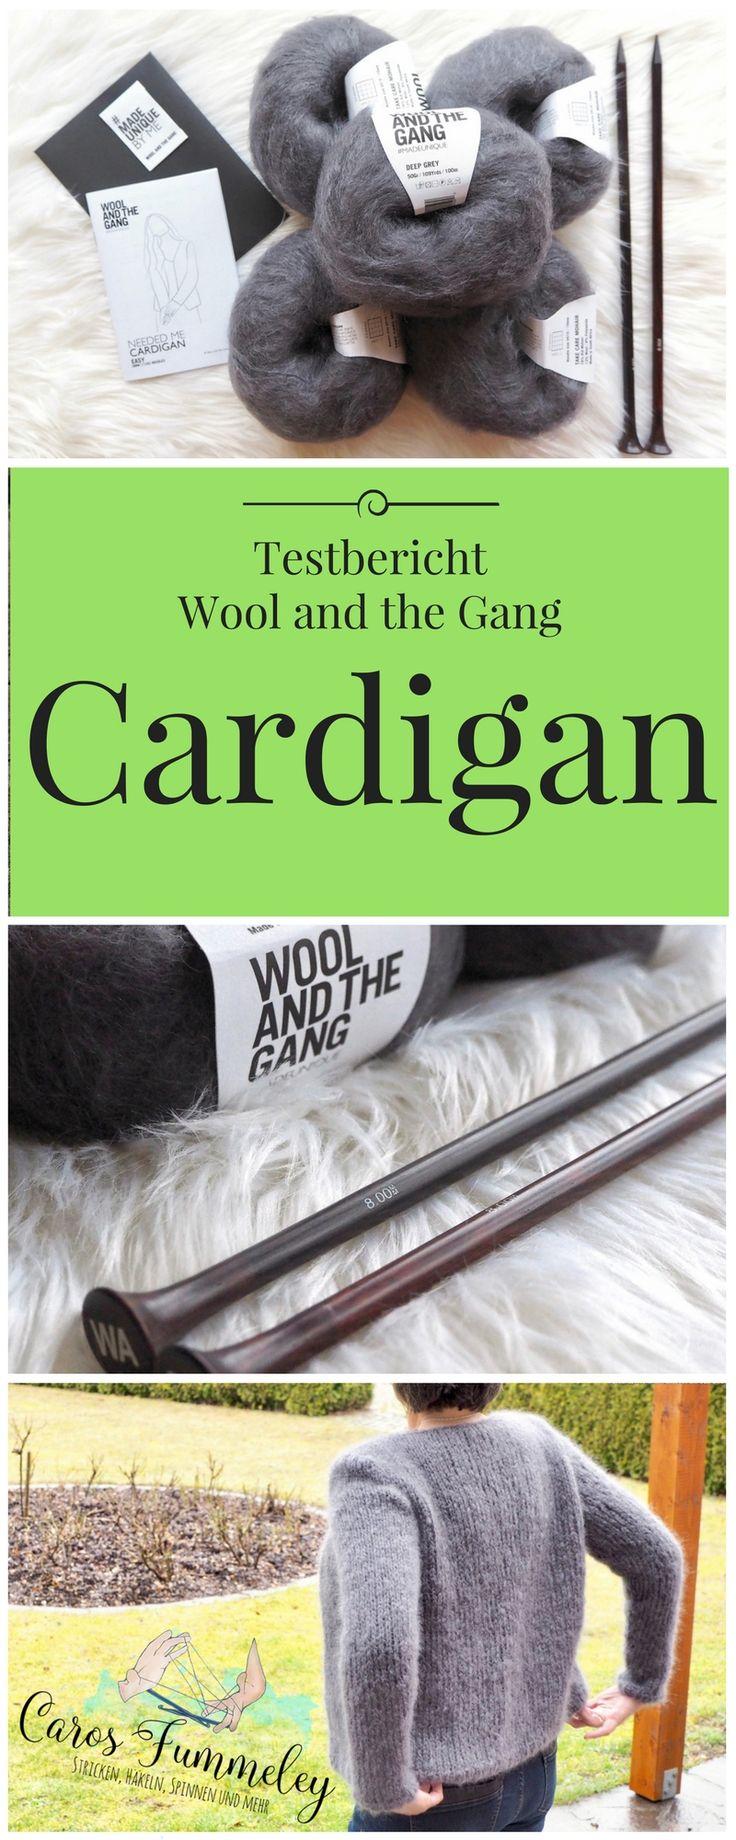 Wool and the Gang - Needed me Cardigan - Testbericht zum anfängertauglichen Strickset aus Mohairgarn mit Gewinnspiel